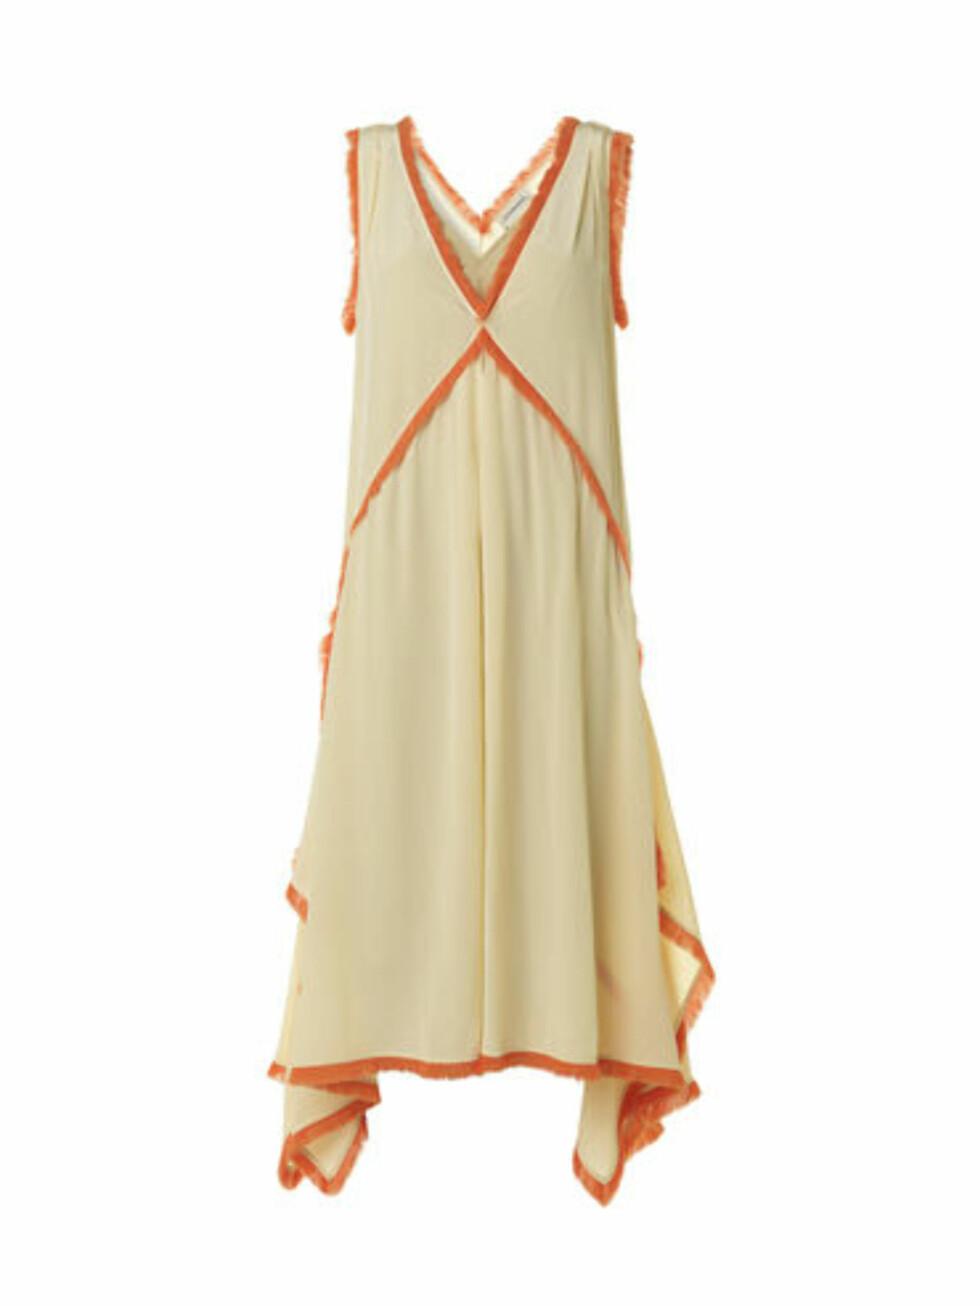 Kjole fra By Malene Birger, kr 3700. Foto: Produsenten